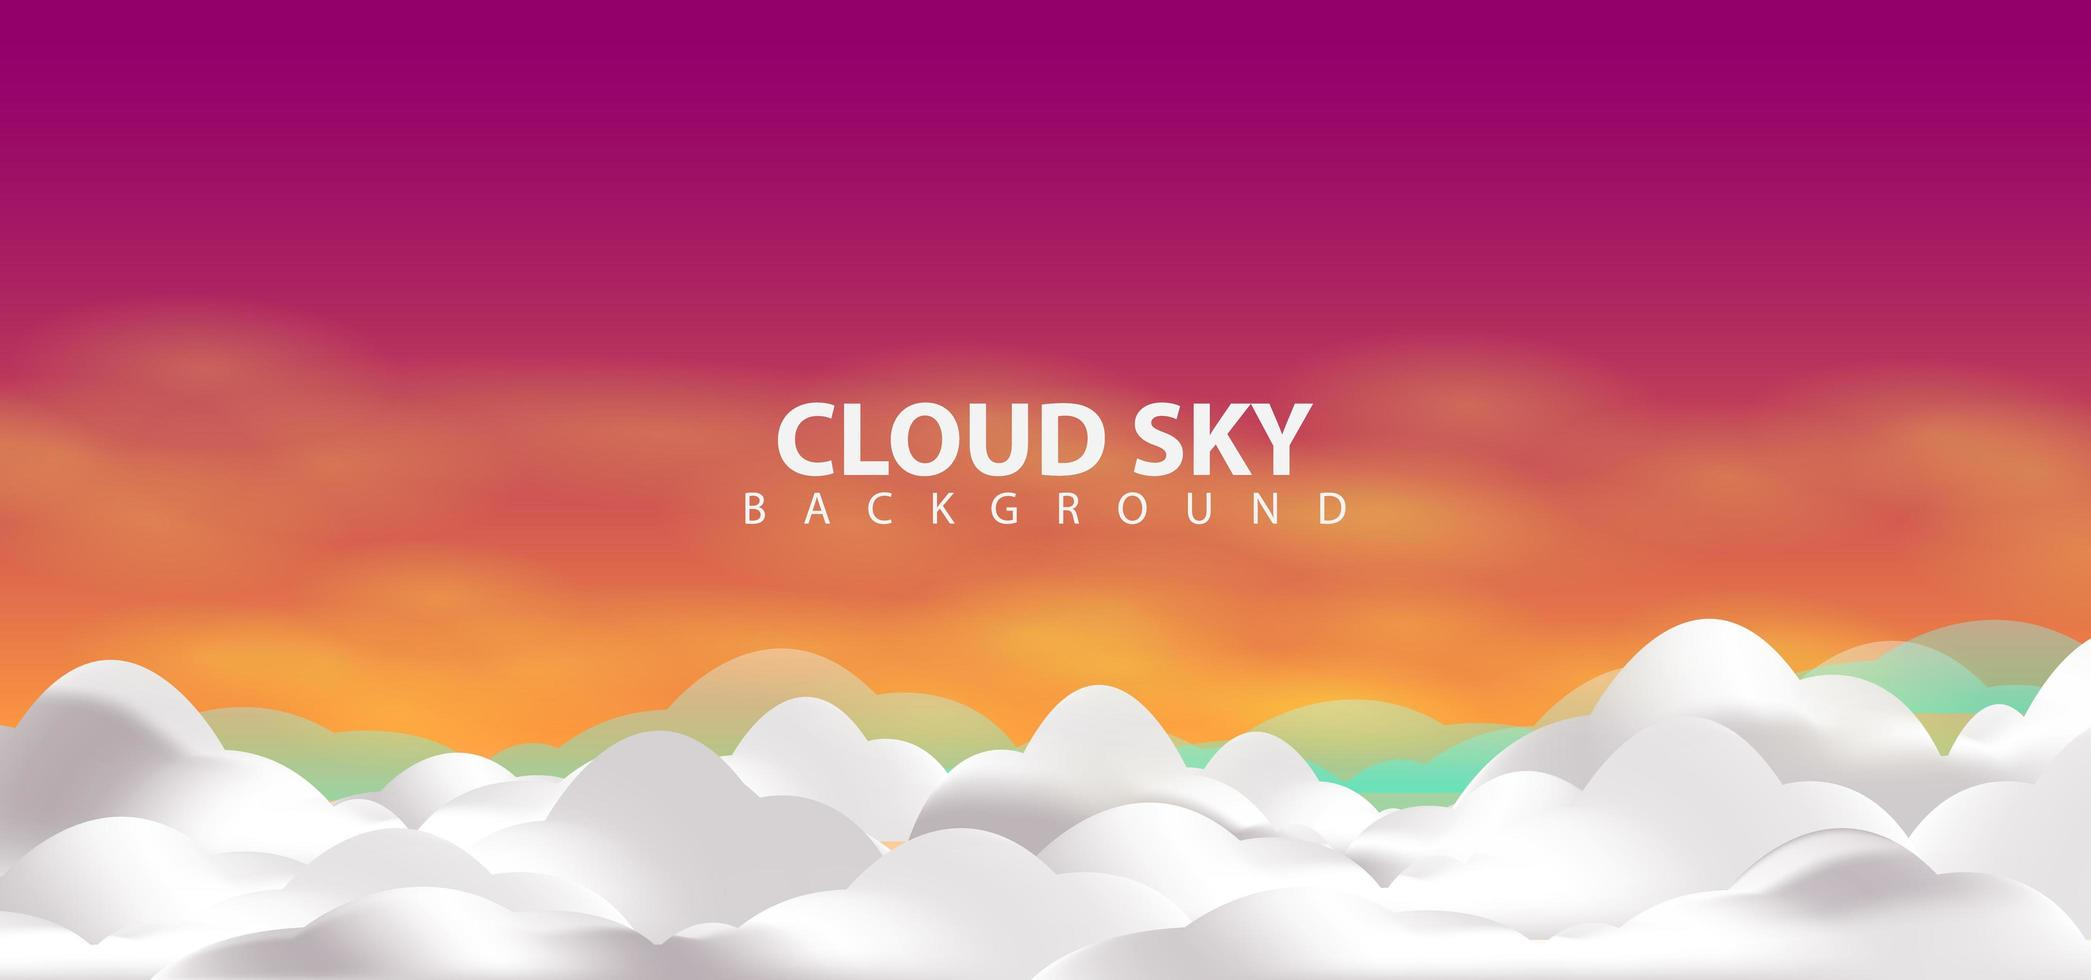 modelo de plano de fundo do design de nuvens do céu magenta vetor